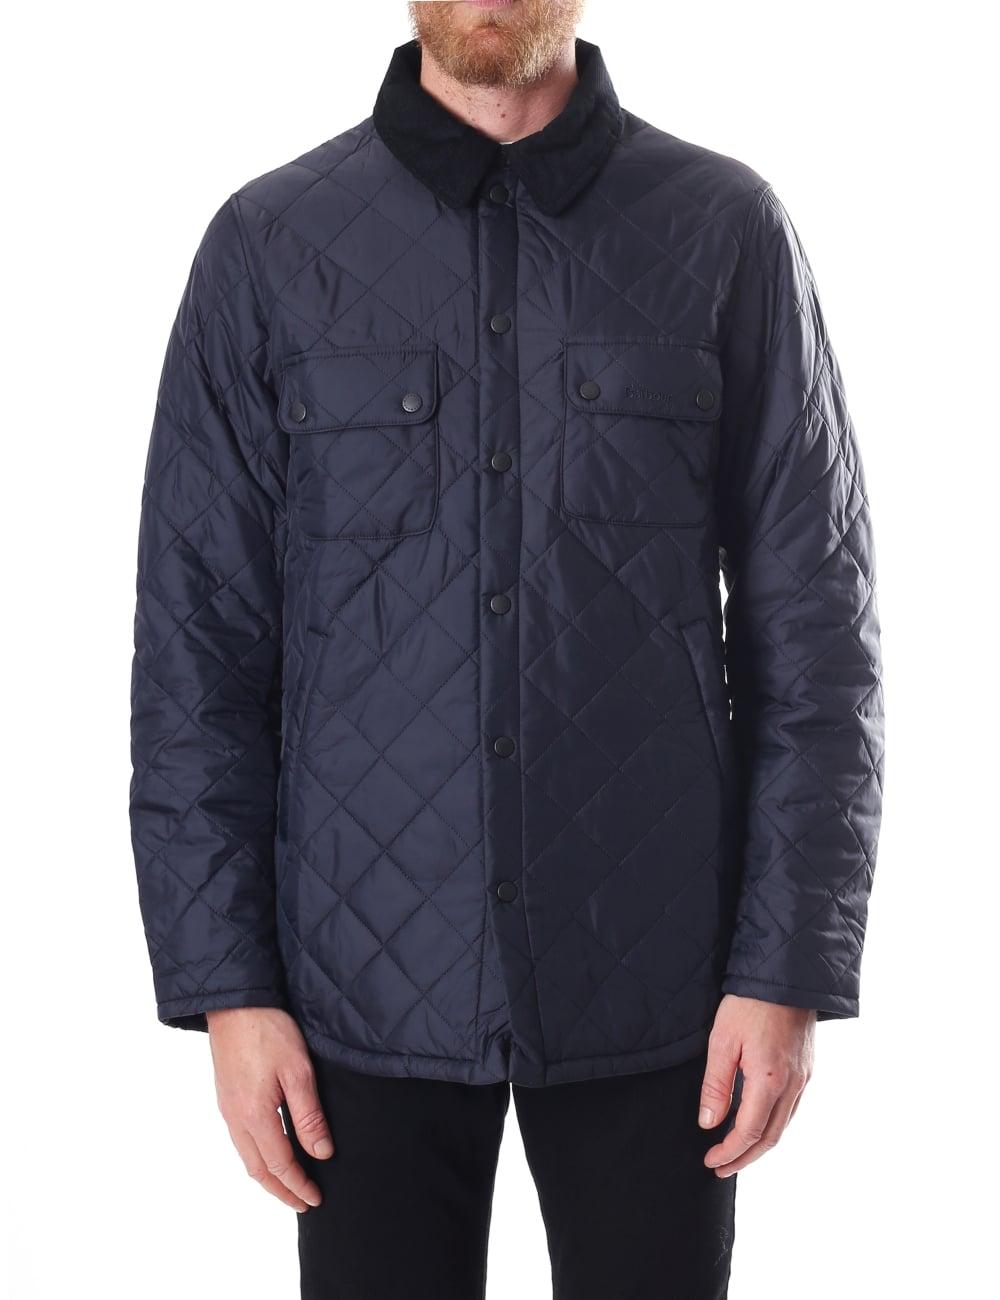 barbour akenside jacket